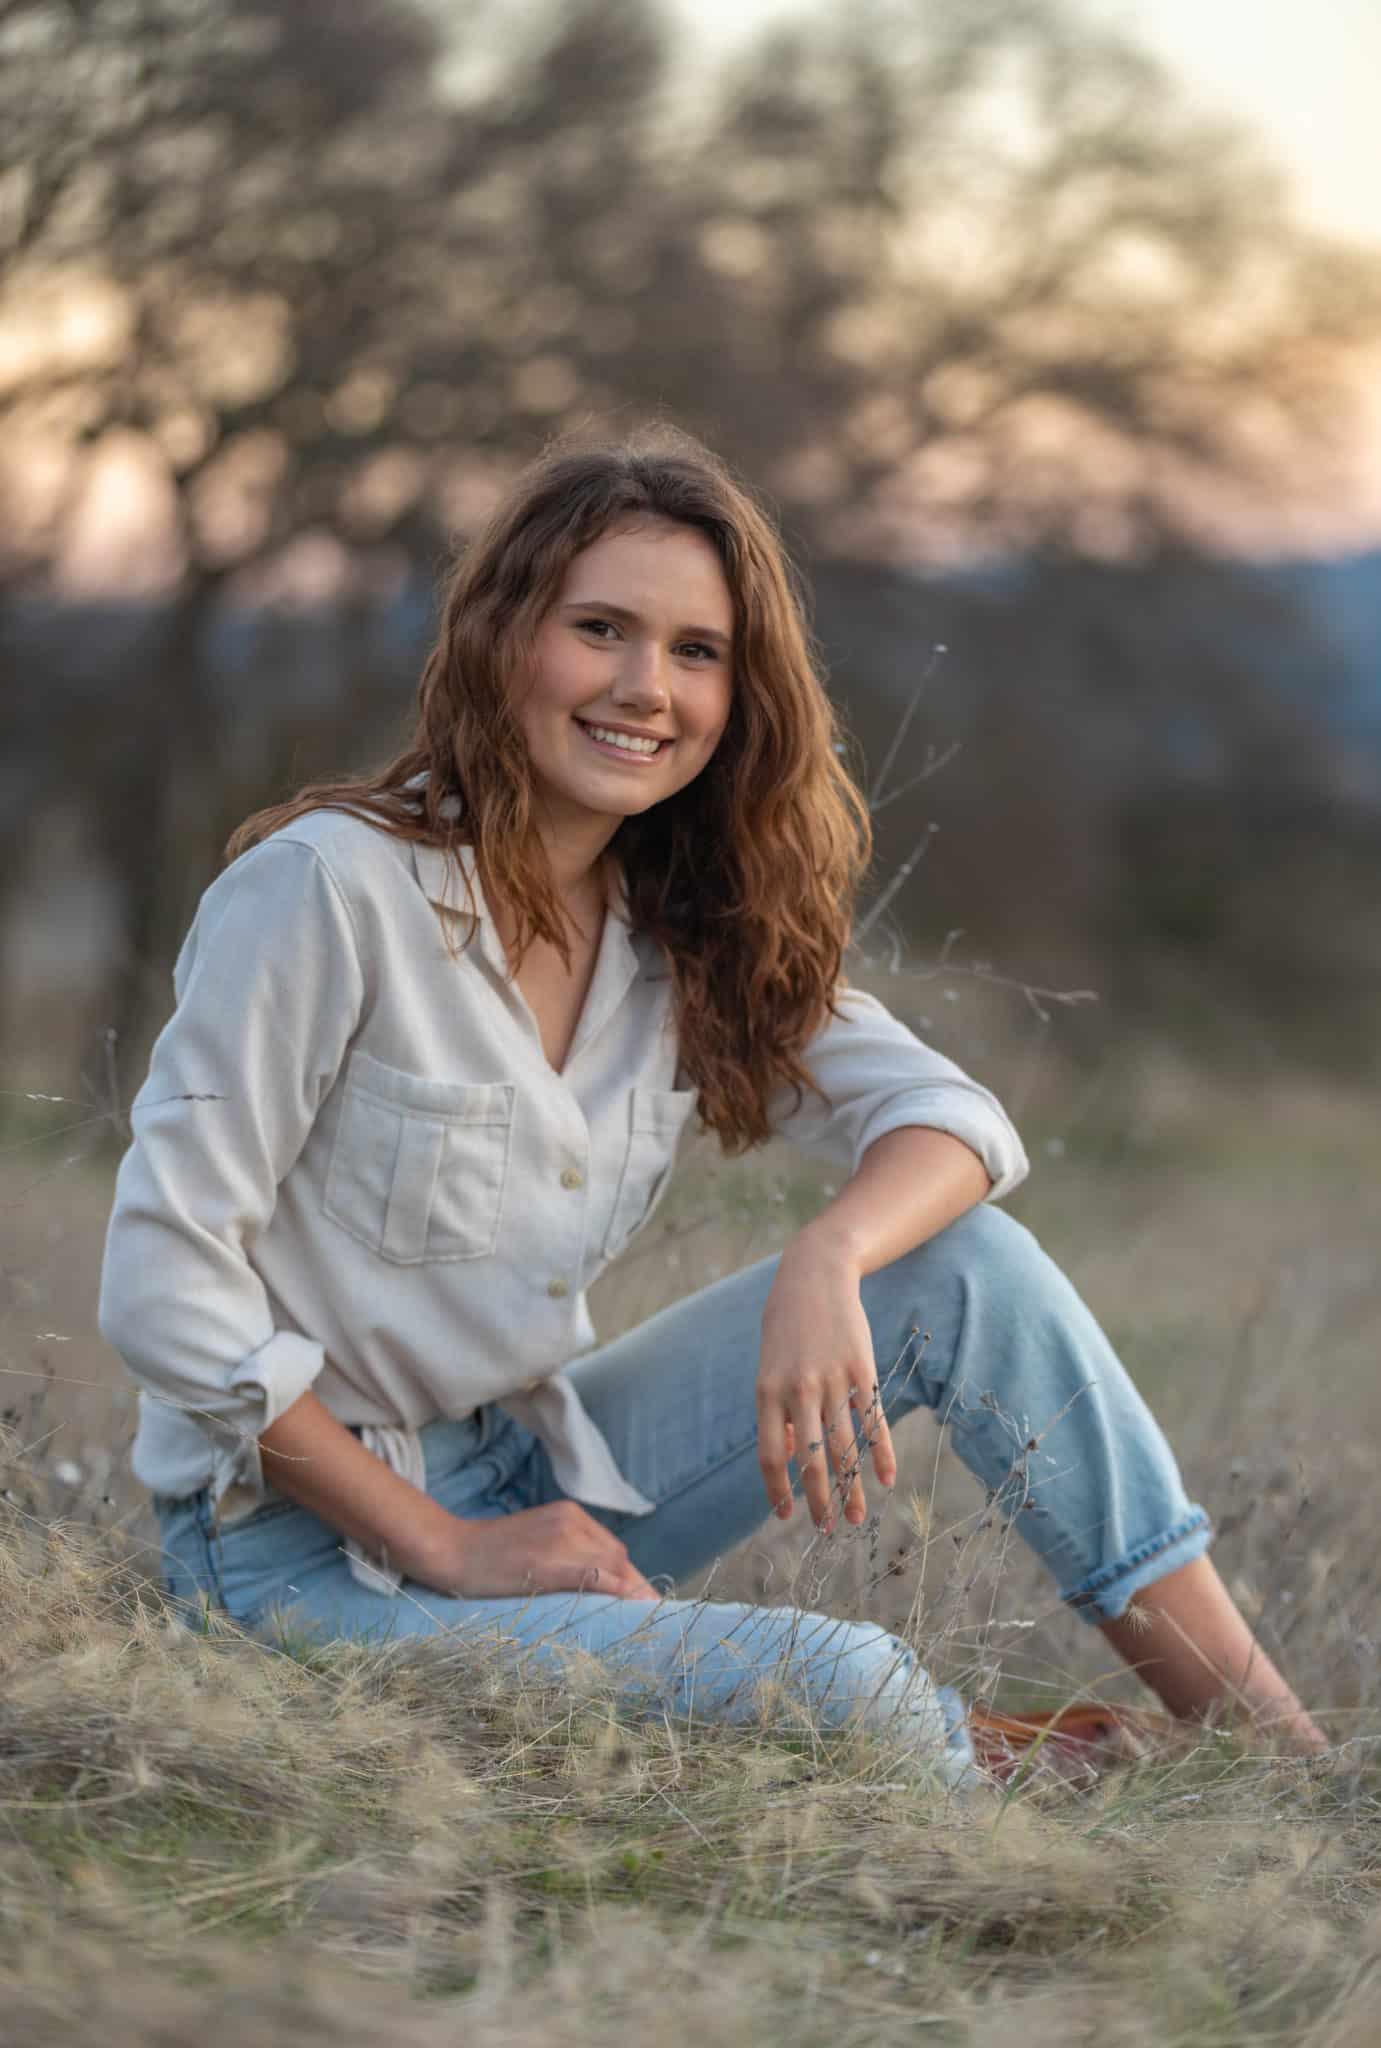 Carrie Krueger